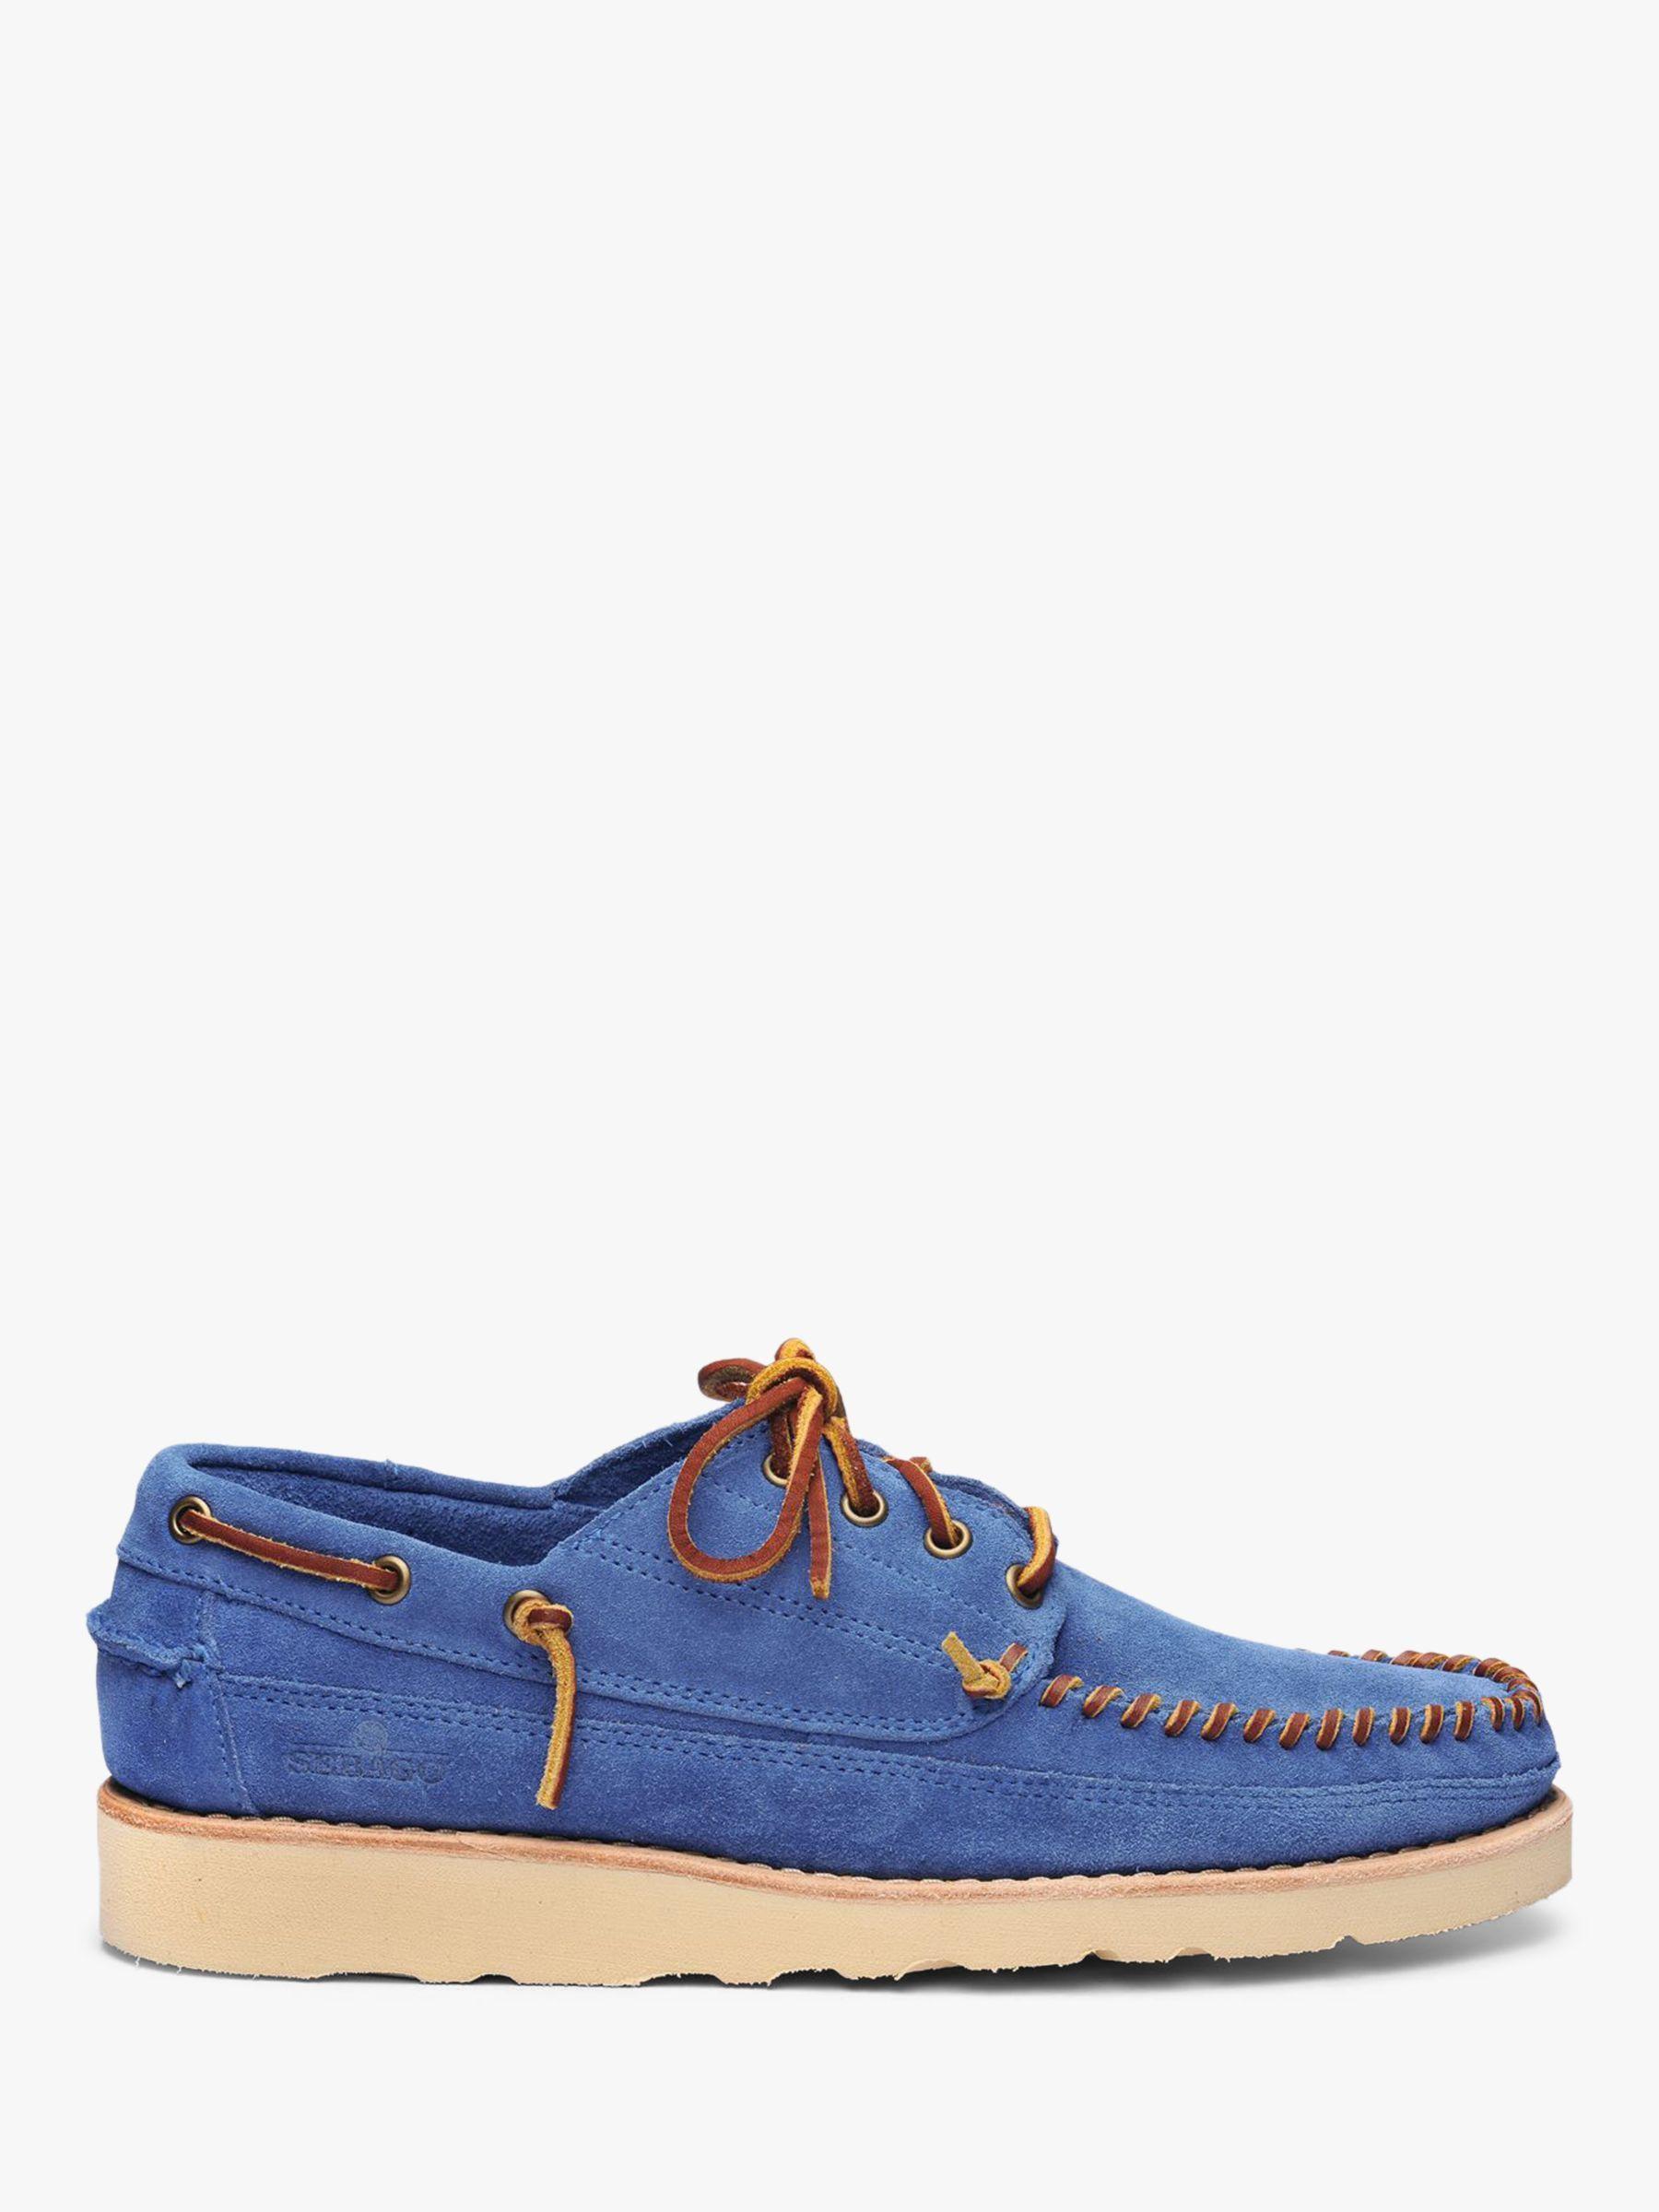 Sebago Mens John Suede Sneakers